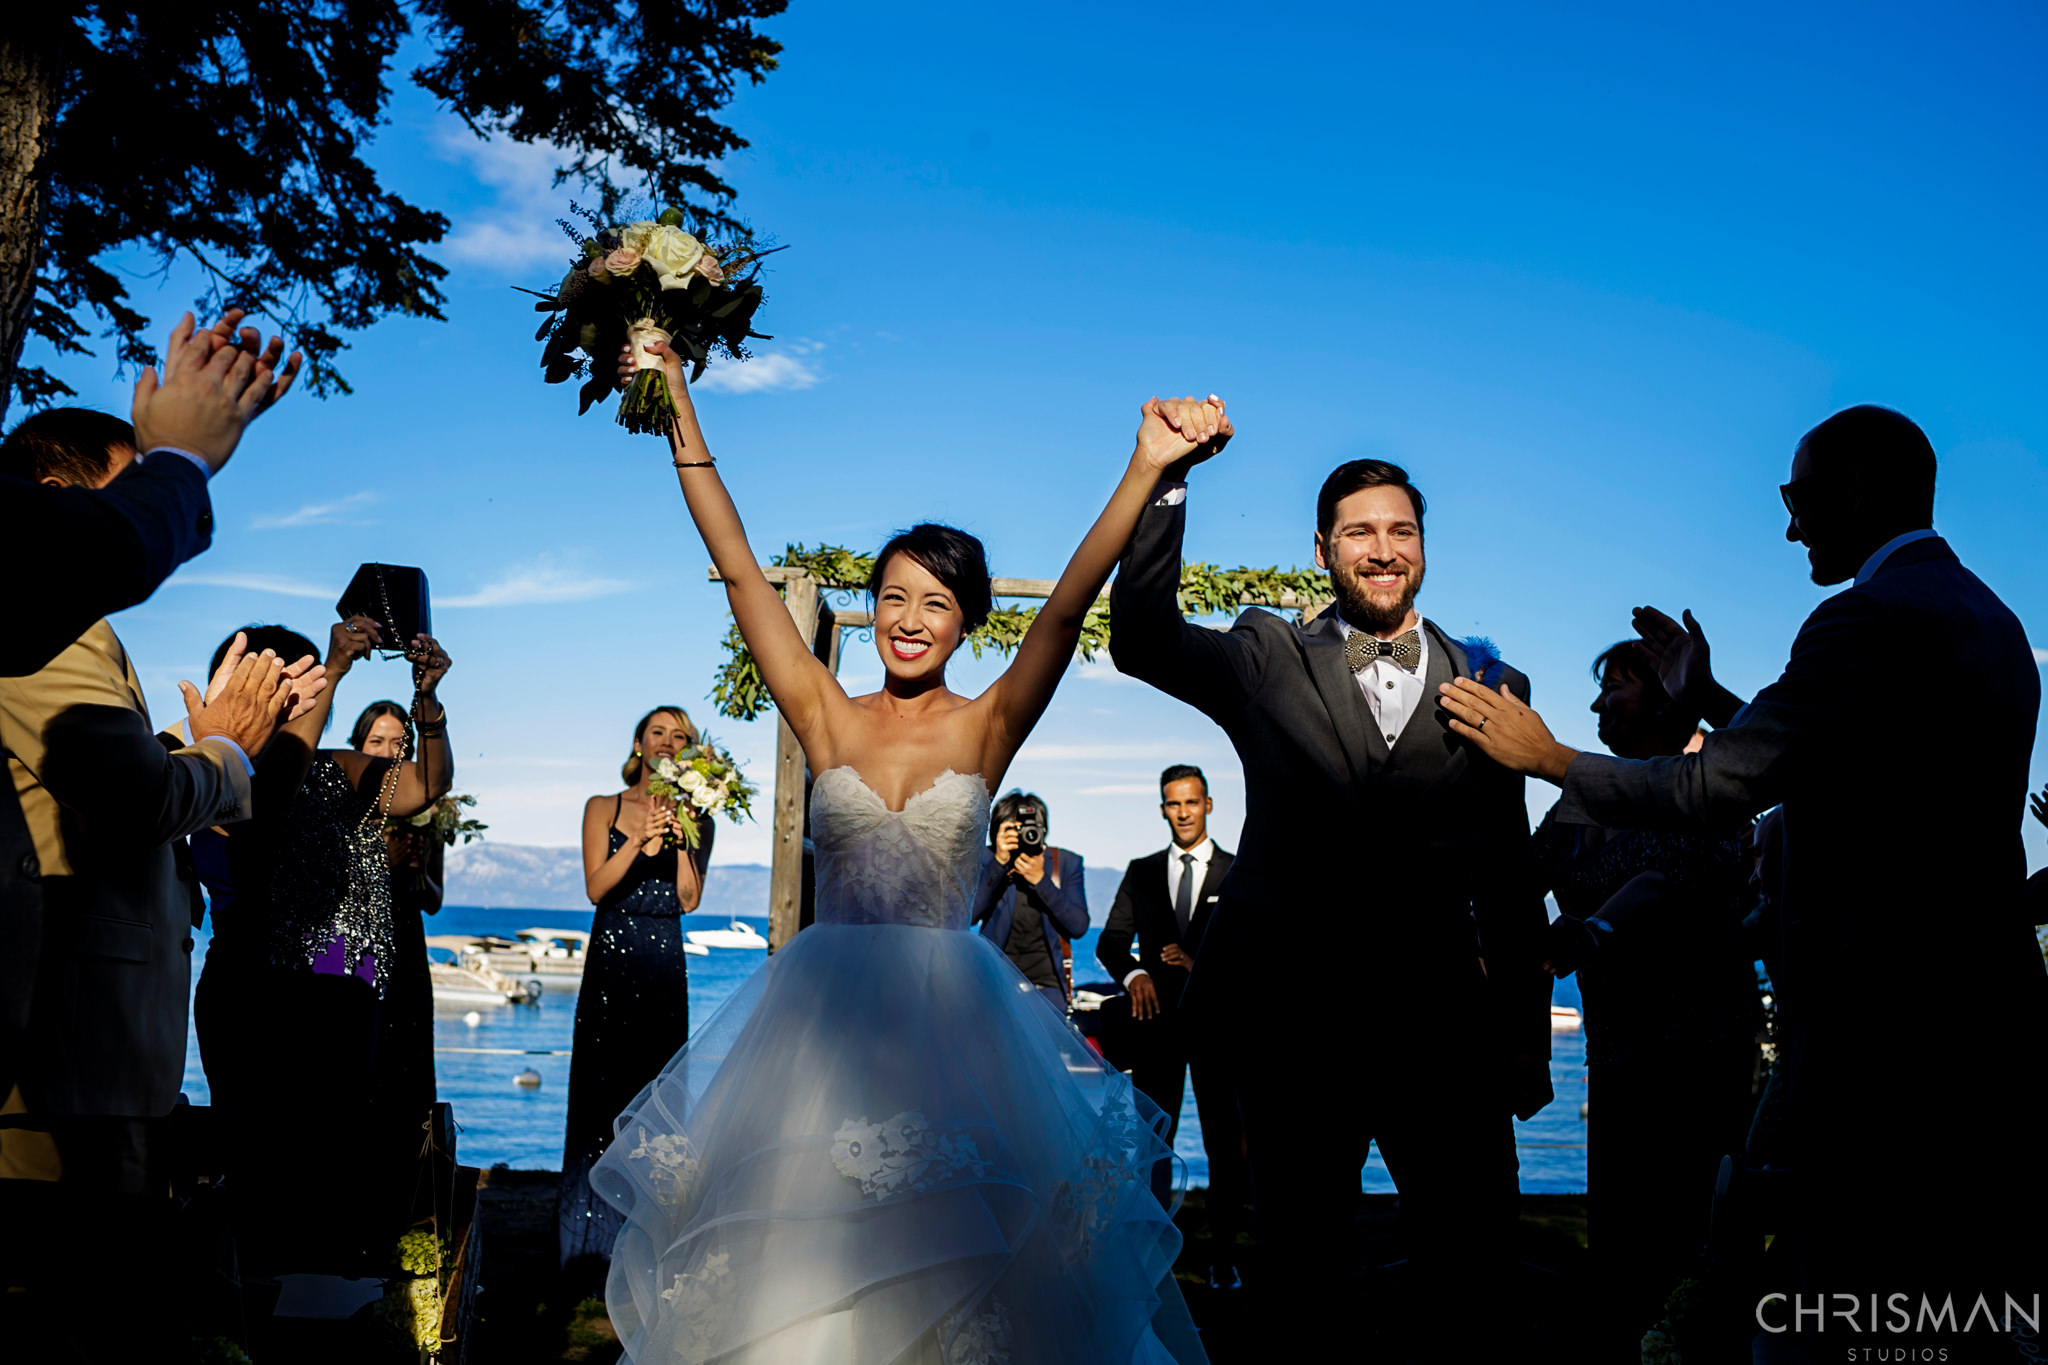 018-20160917-SophiaNick-Zwicker-wed.jpg